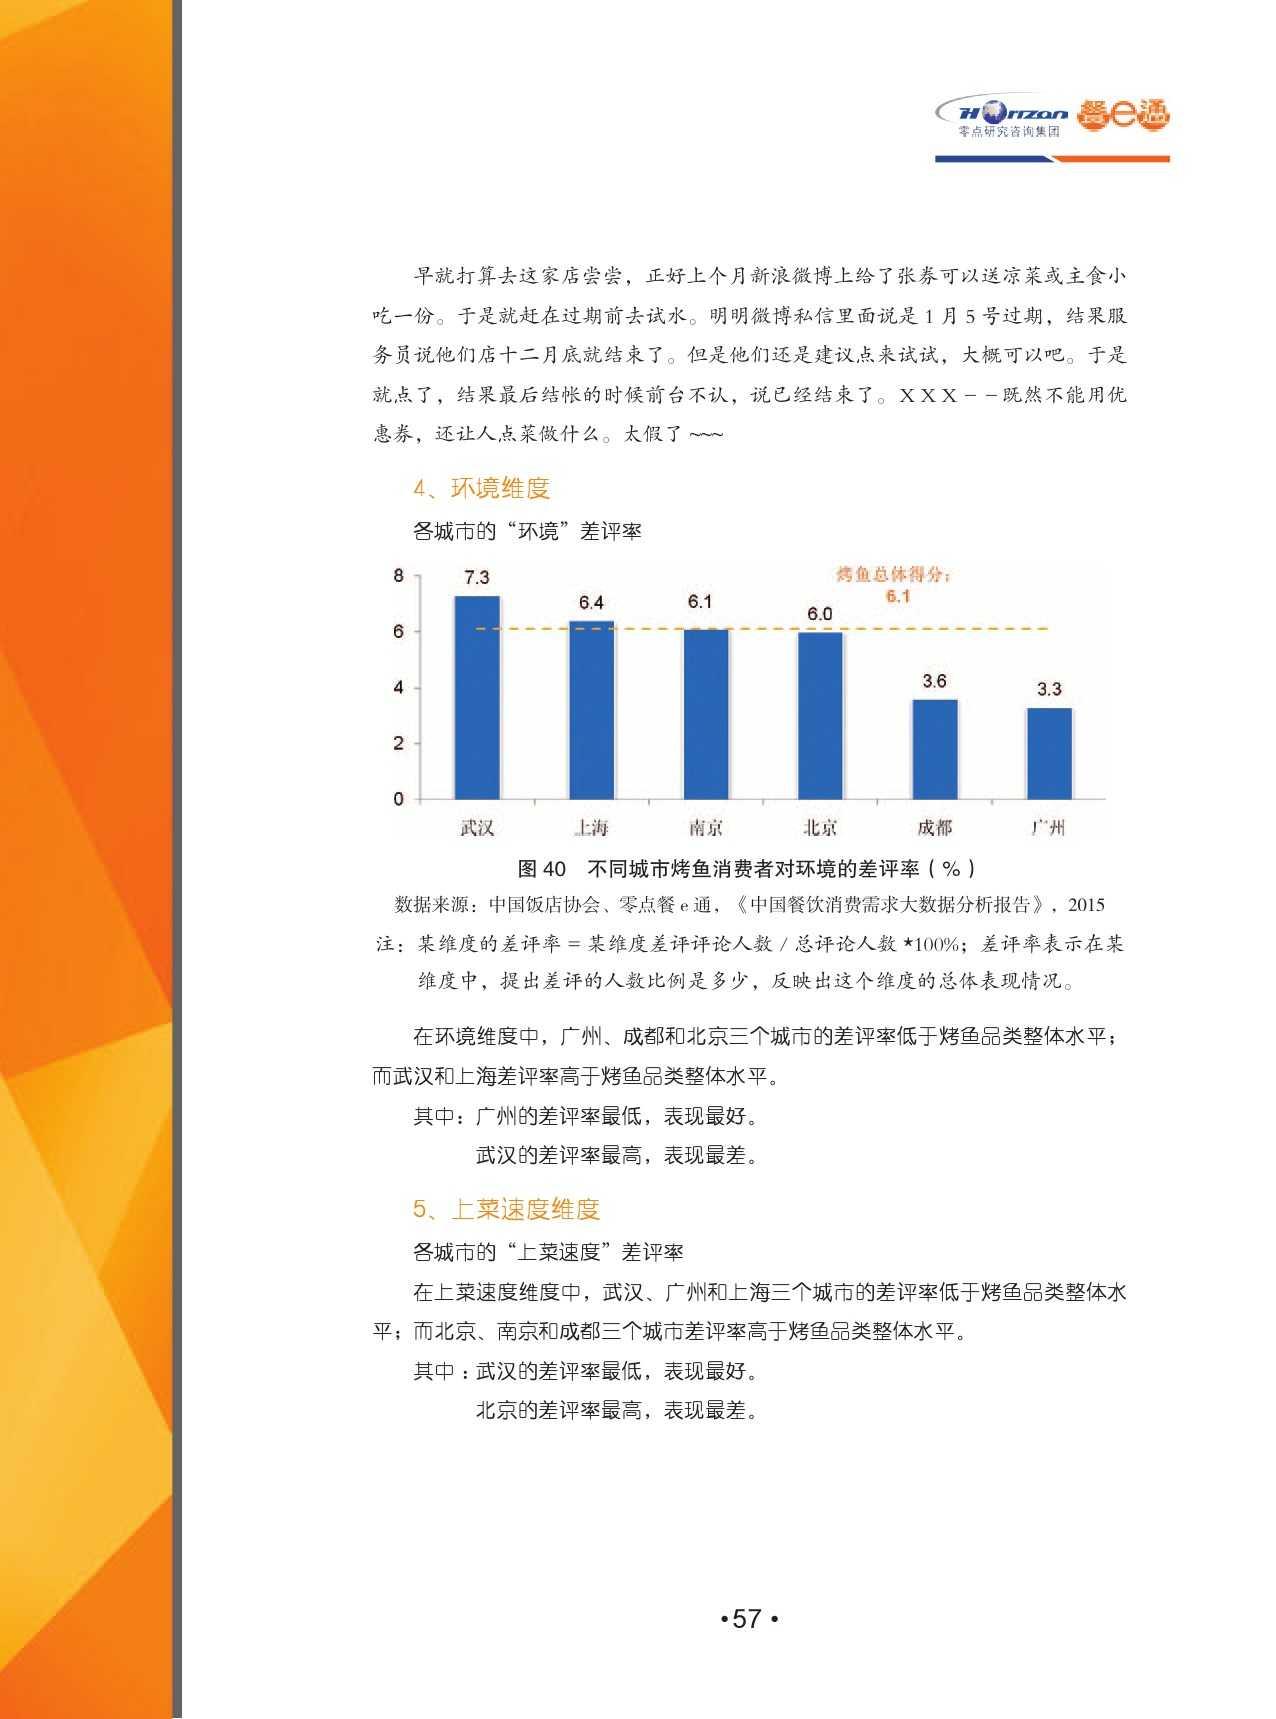 2015中国餐饮消费需求大数据分析报告_000059